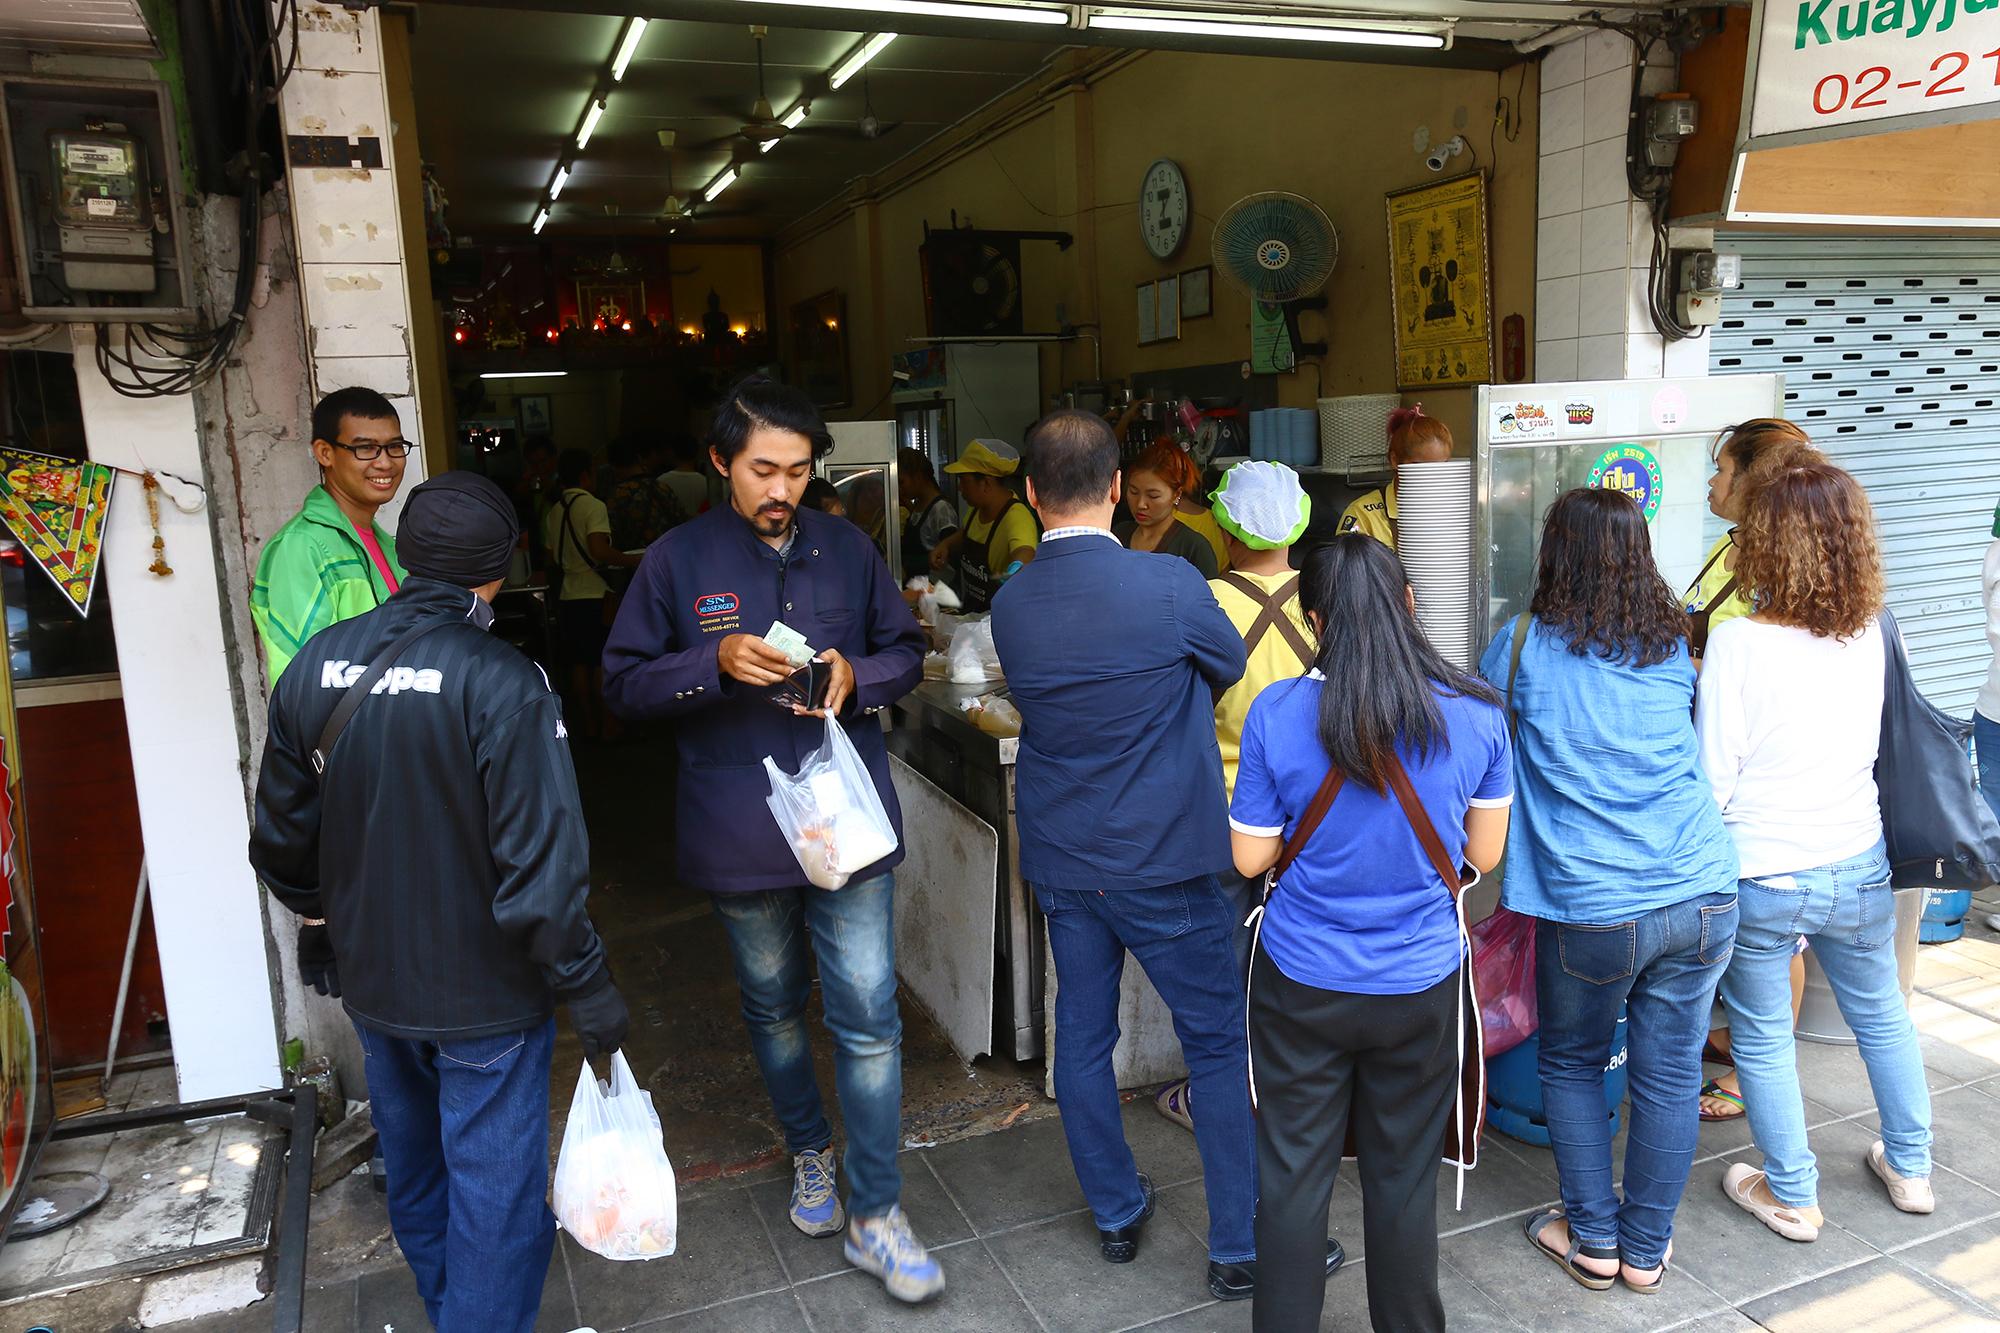 朝から大混雑!チャン通りの名店『クイジャップ ミスタージョー』